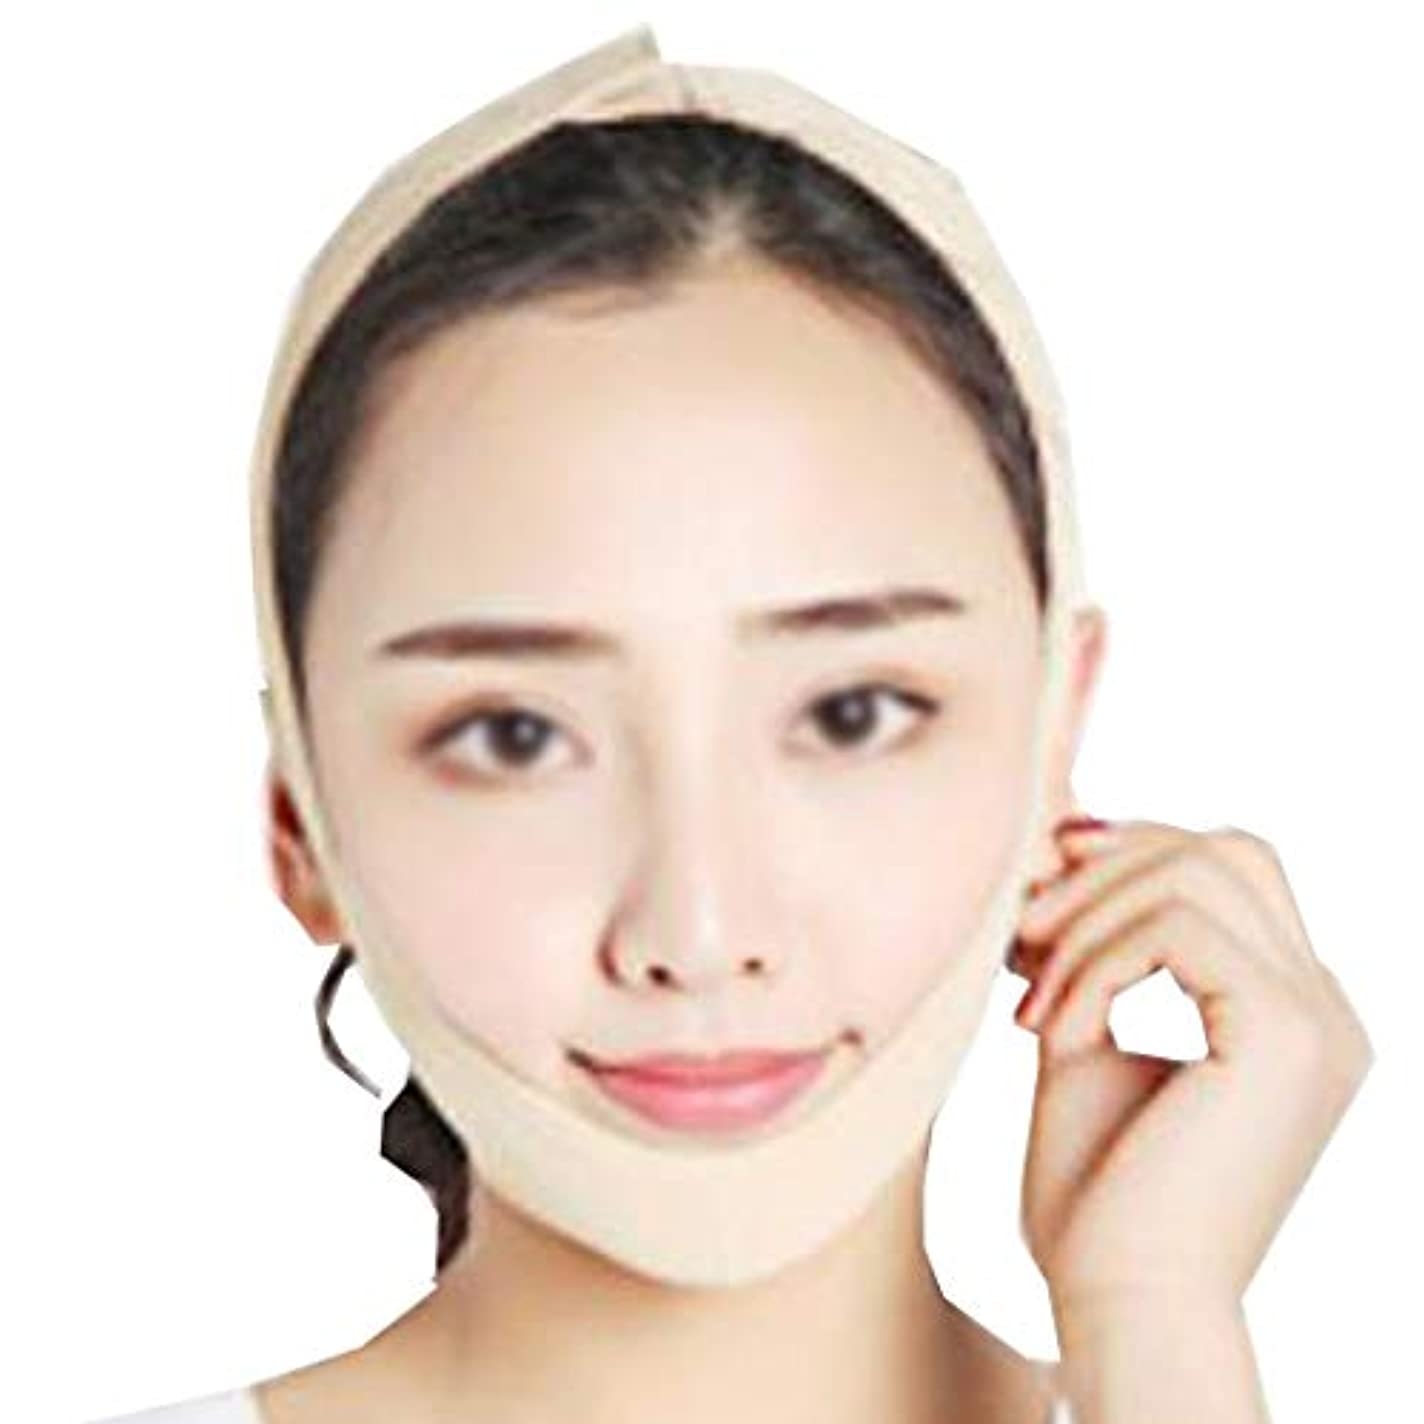 導体バインドミットZWBD フェイスマスク, 細い二重顎の下の小さなVの顔の薄い顔の包帯ライン切り分ける術後の回復マスクの表面持ち上がるヘッドギアの束